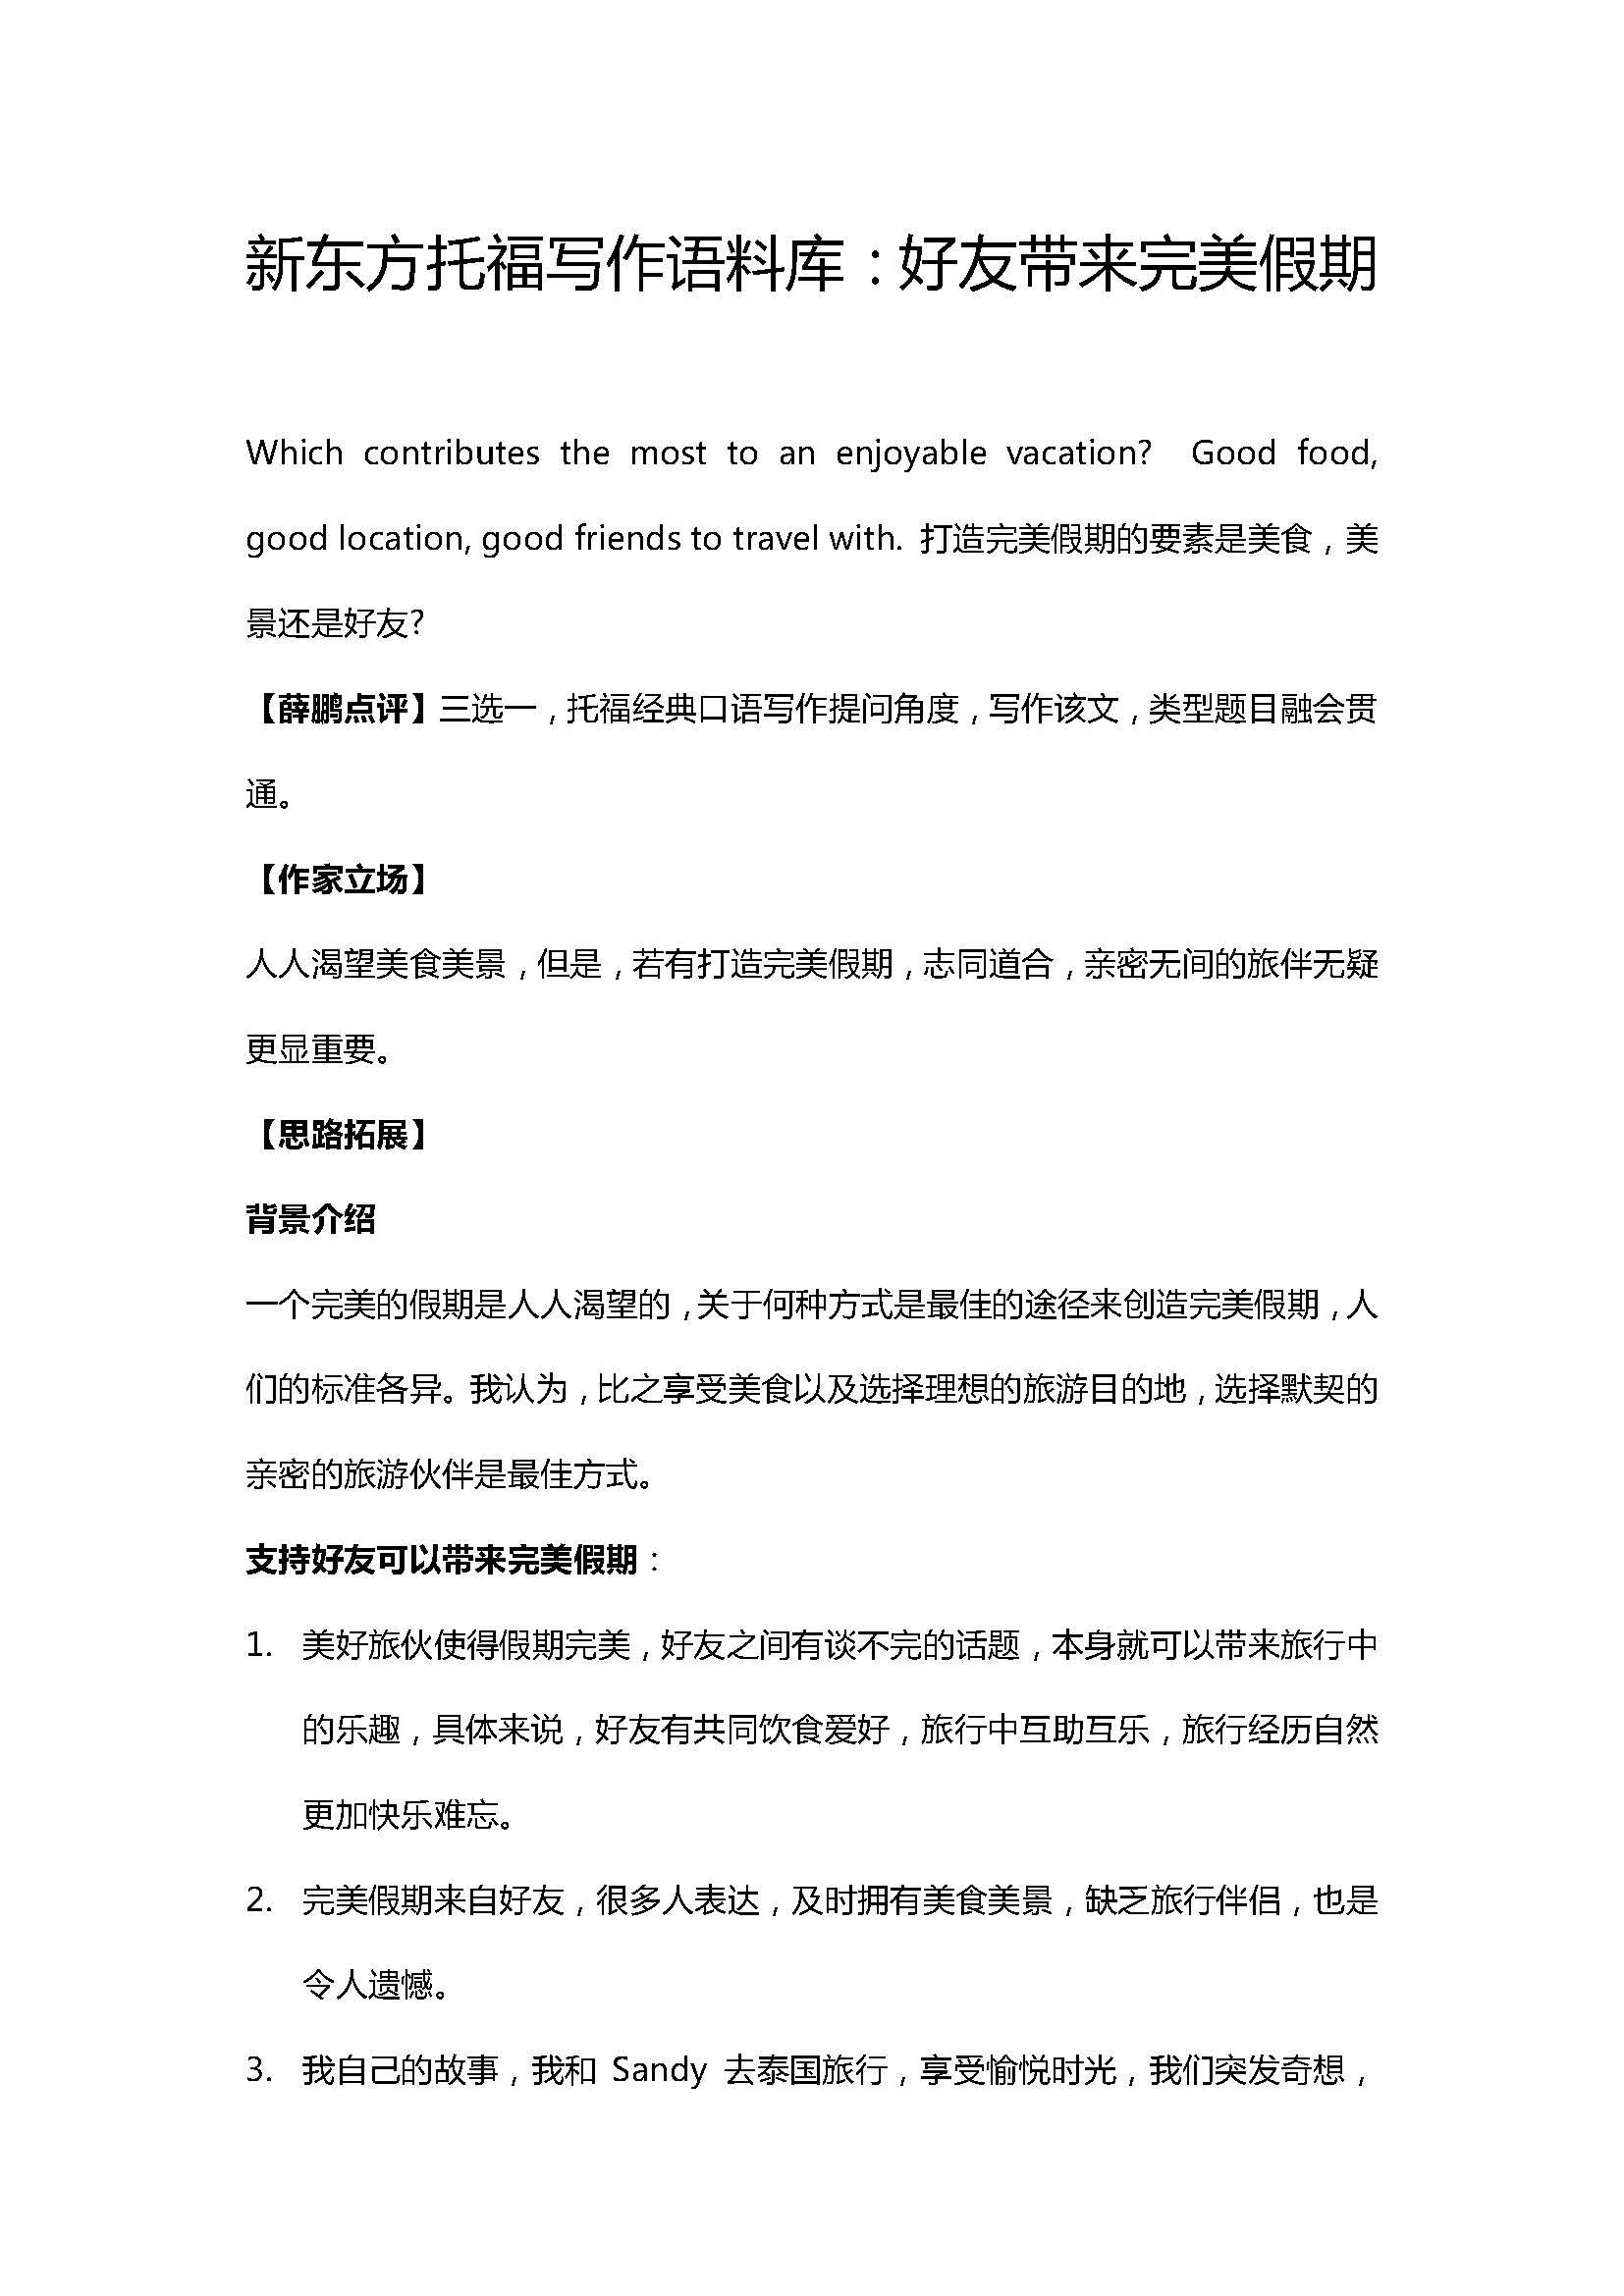 新东方托福写作语料库: 好友带来完美假期